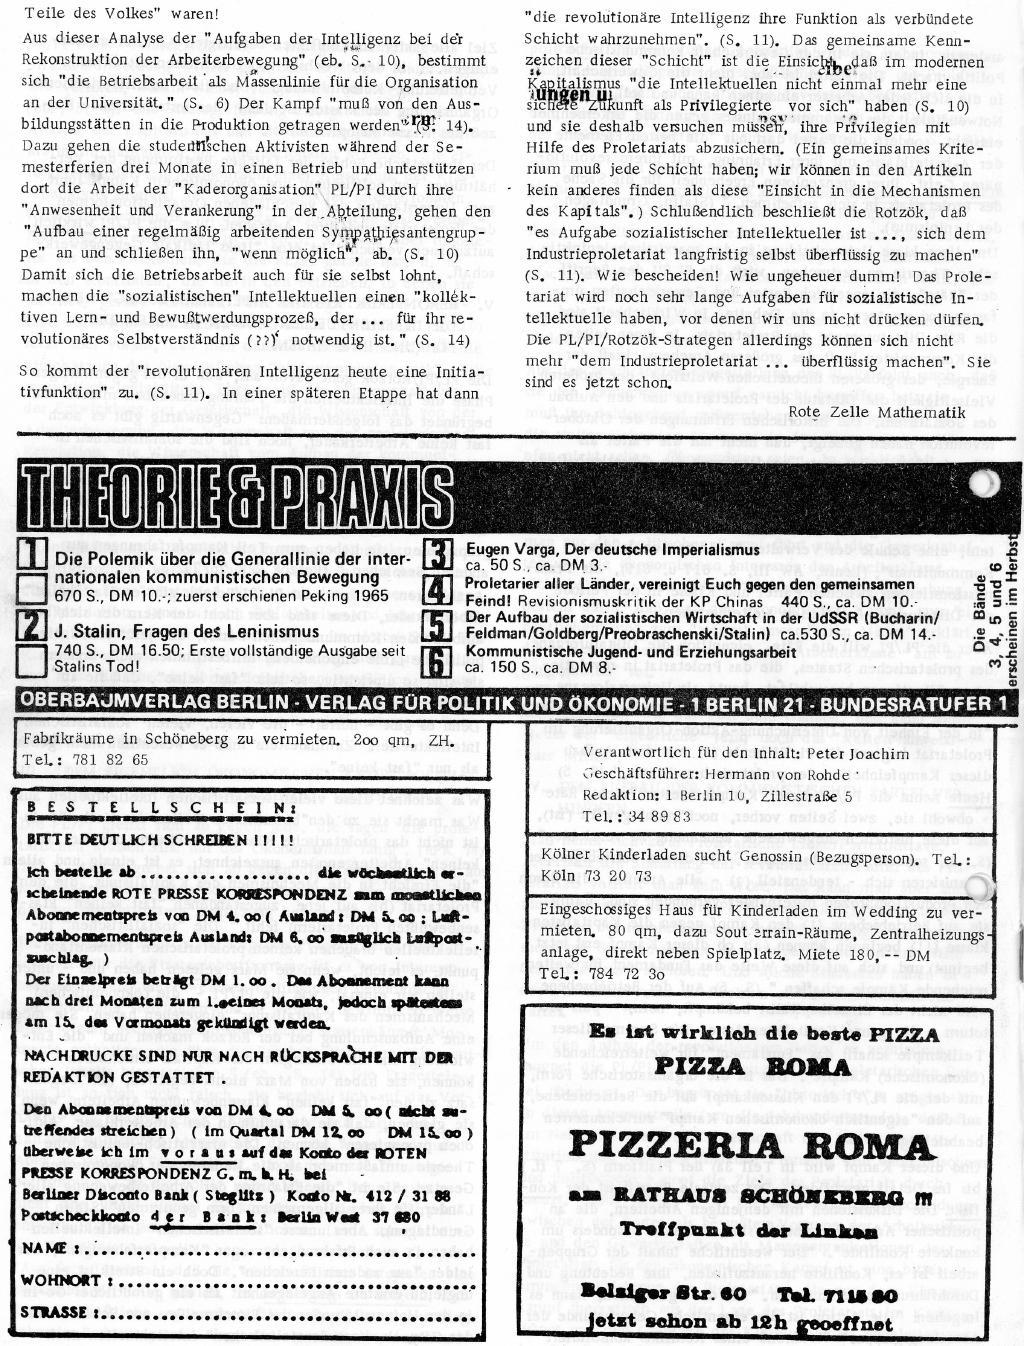 RPK_1970_084_14